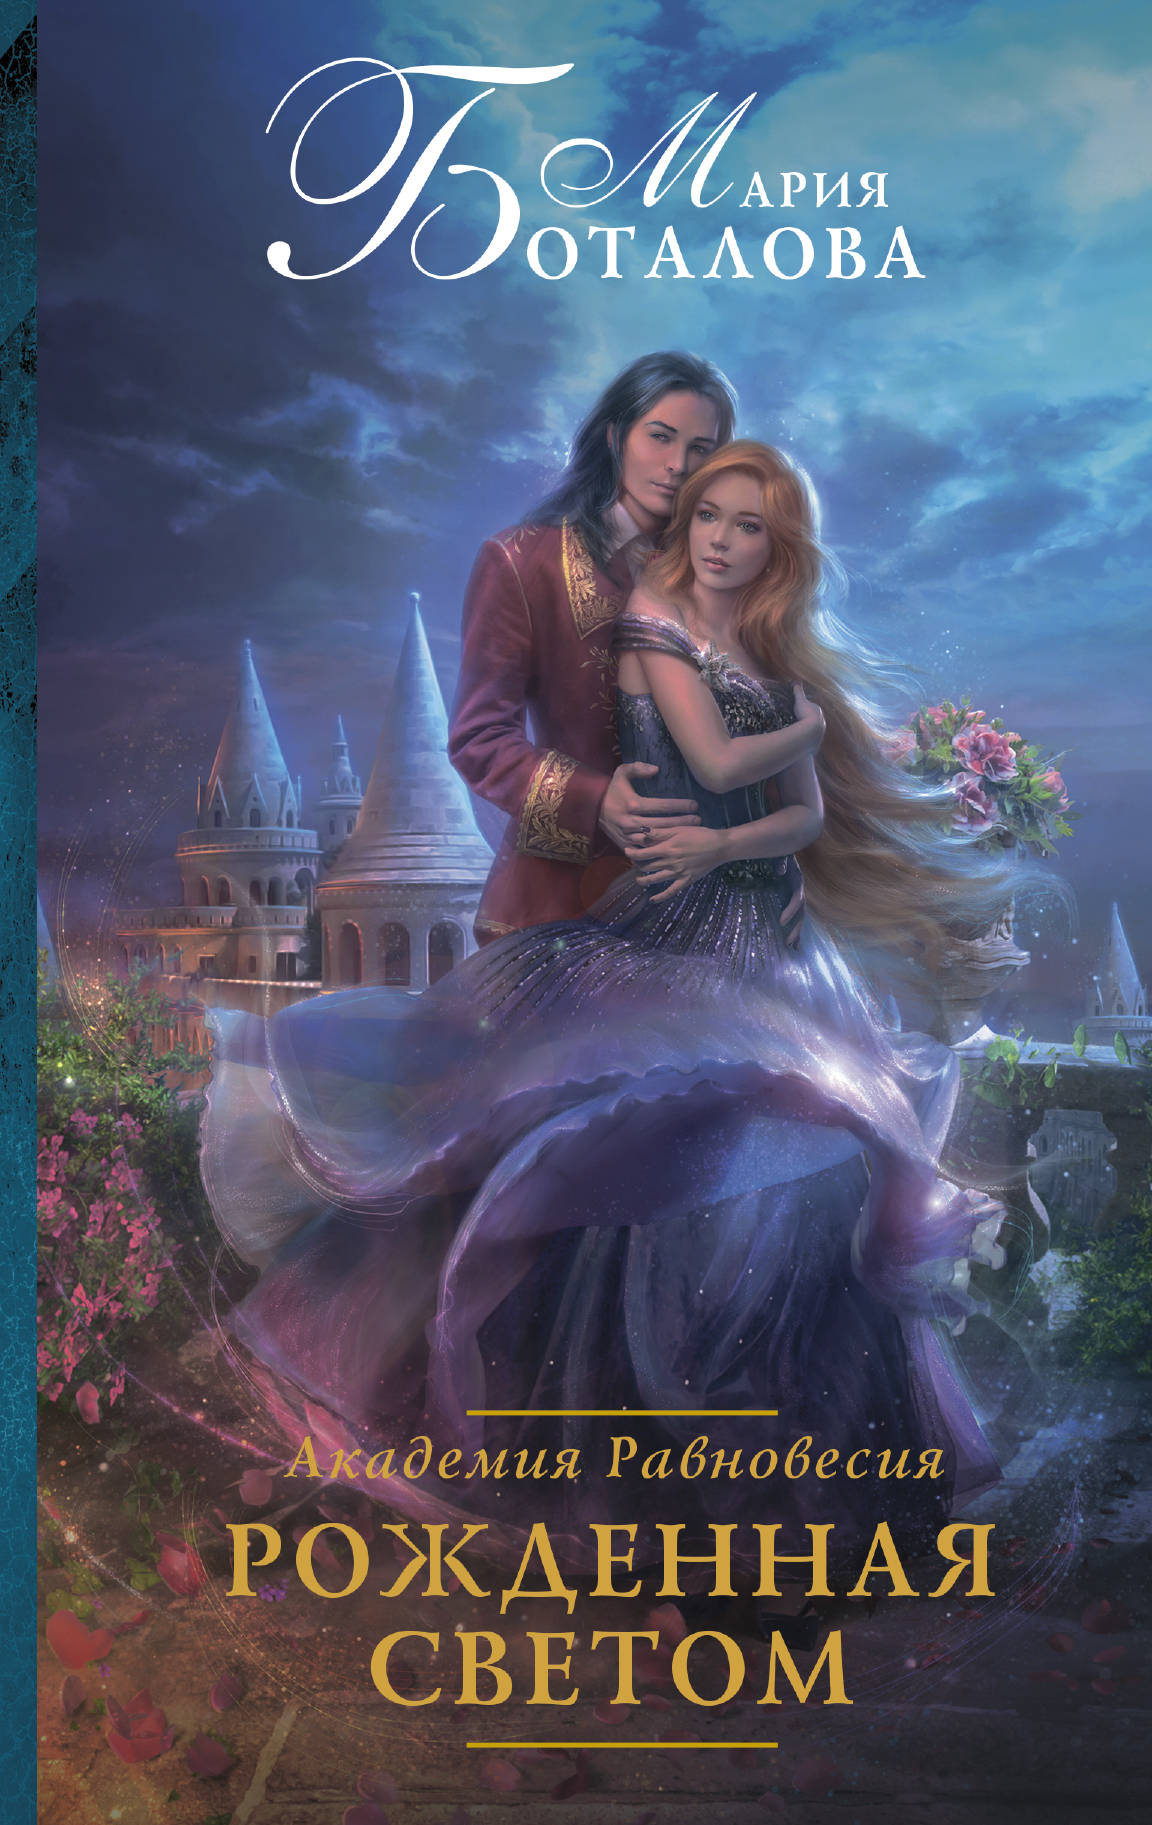 Мария Боталова «Академия Равновесия 1. Рождённая светом»